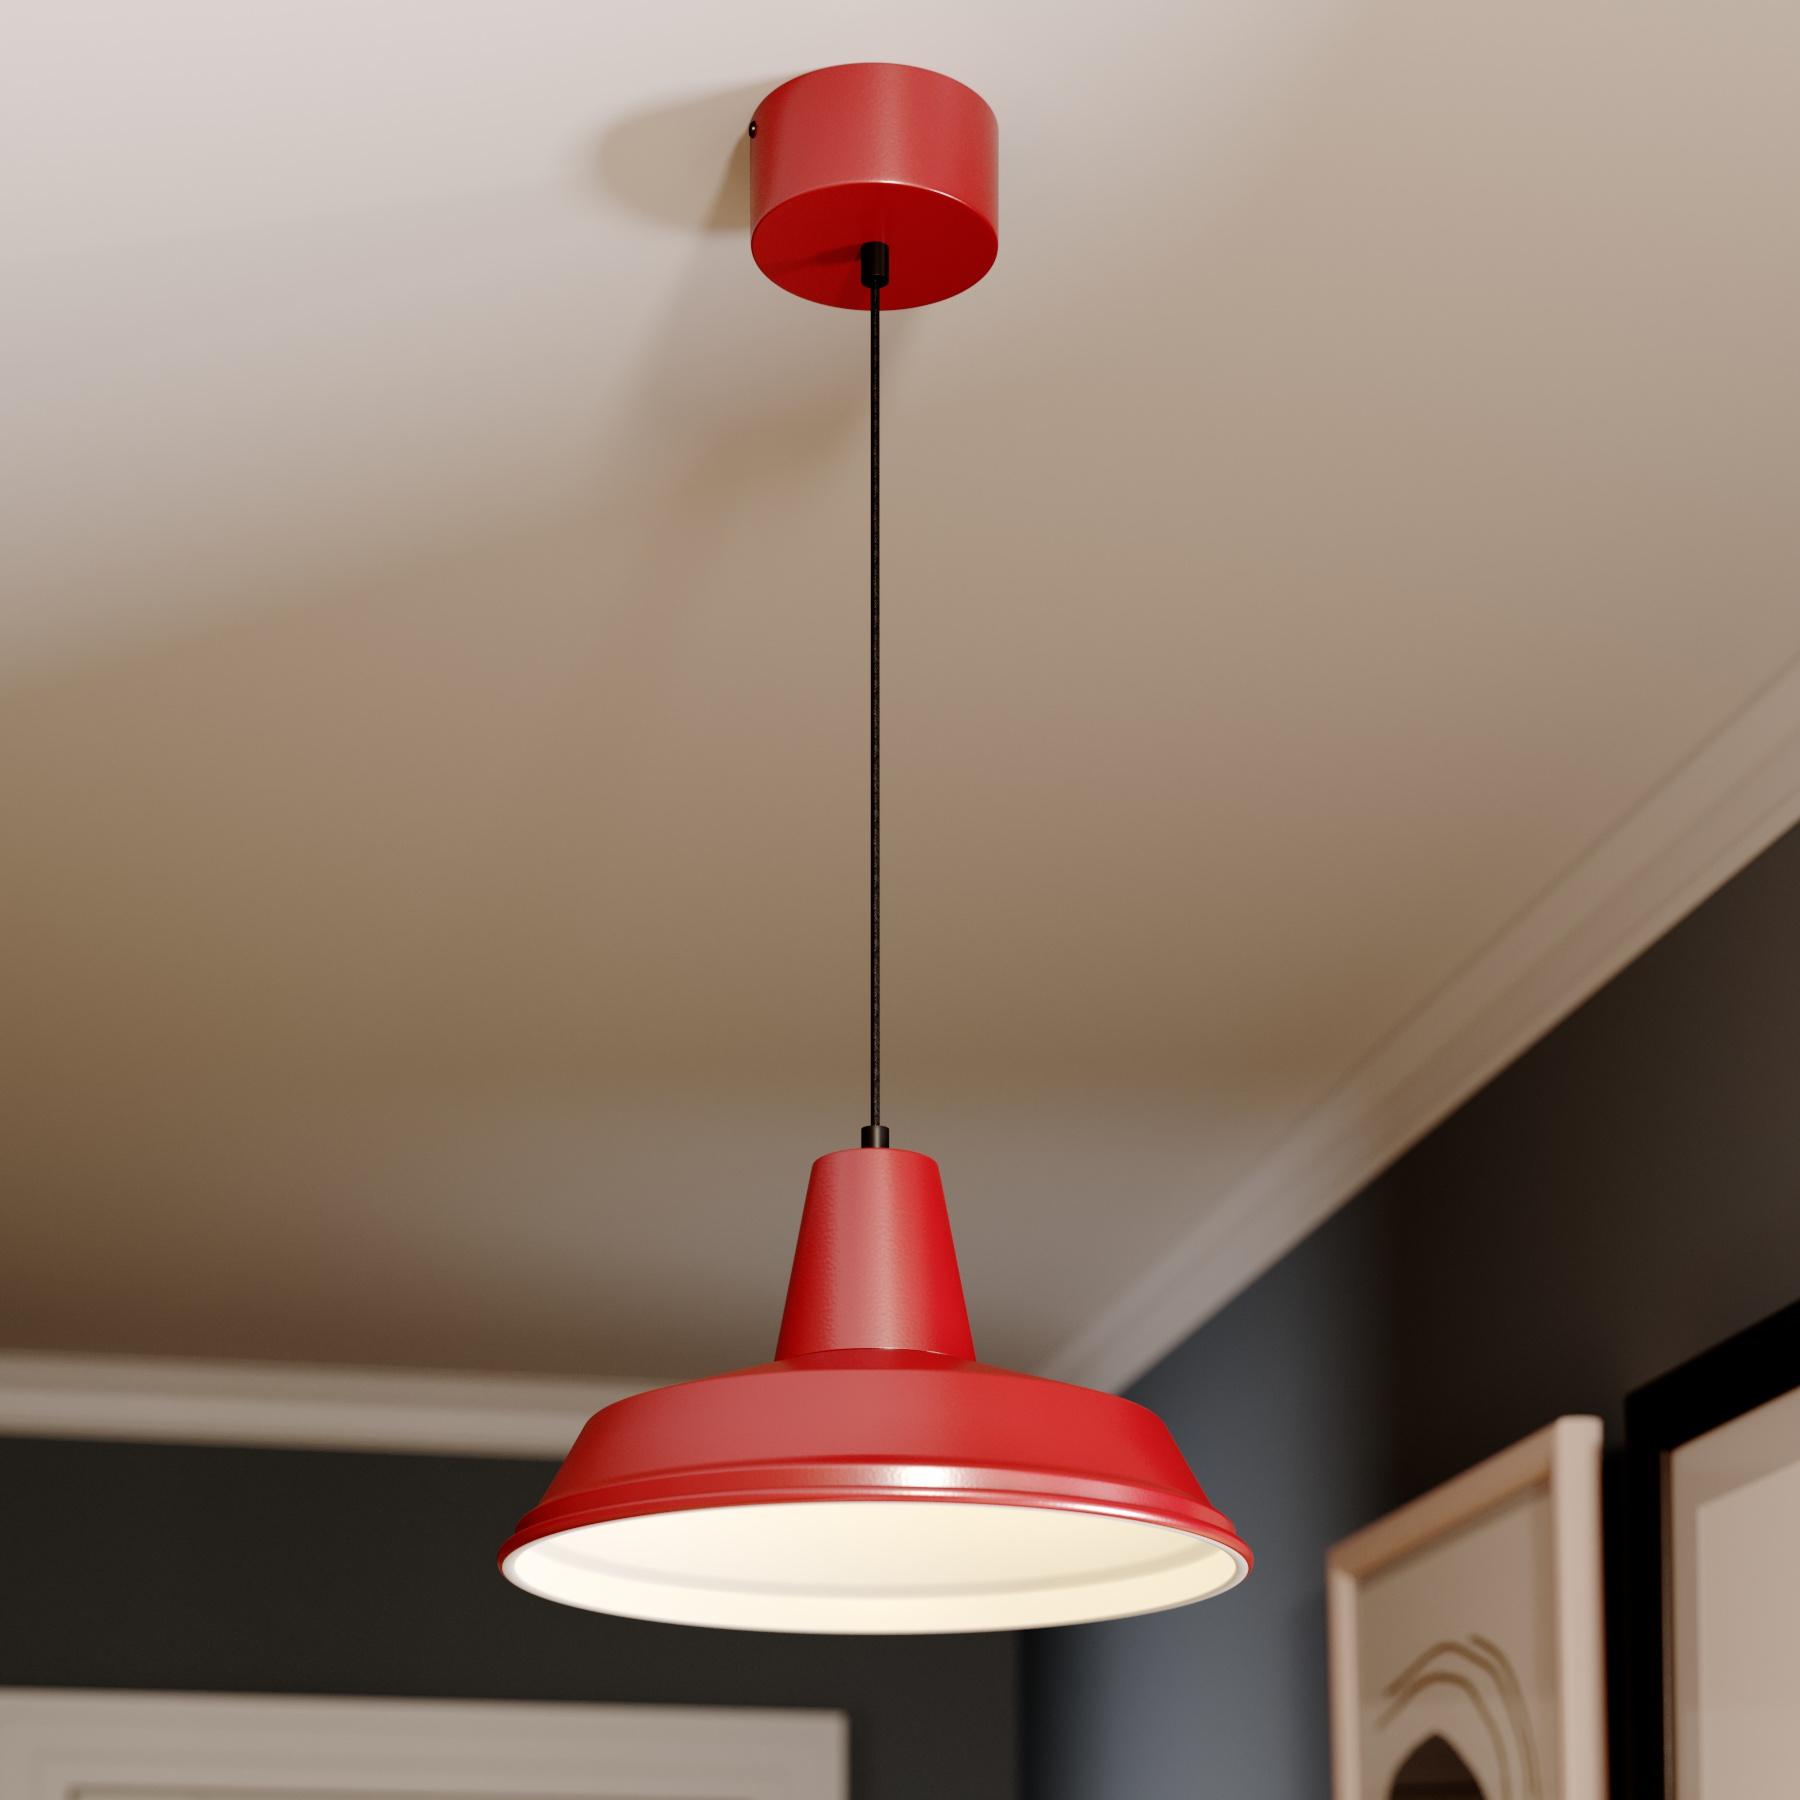 Lampa wisząca Class, czerwona/biała